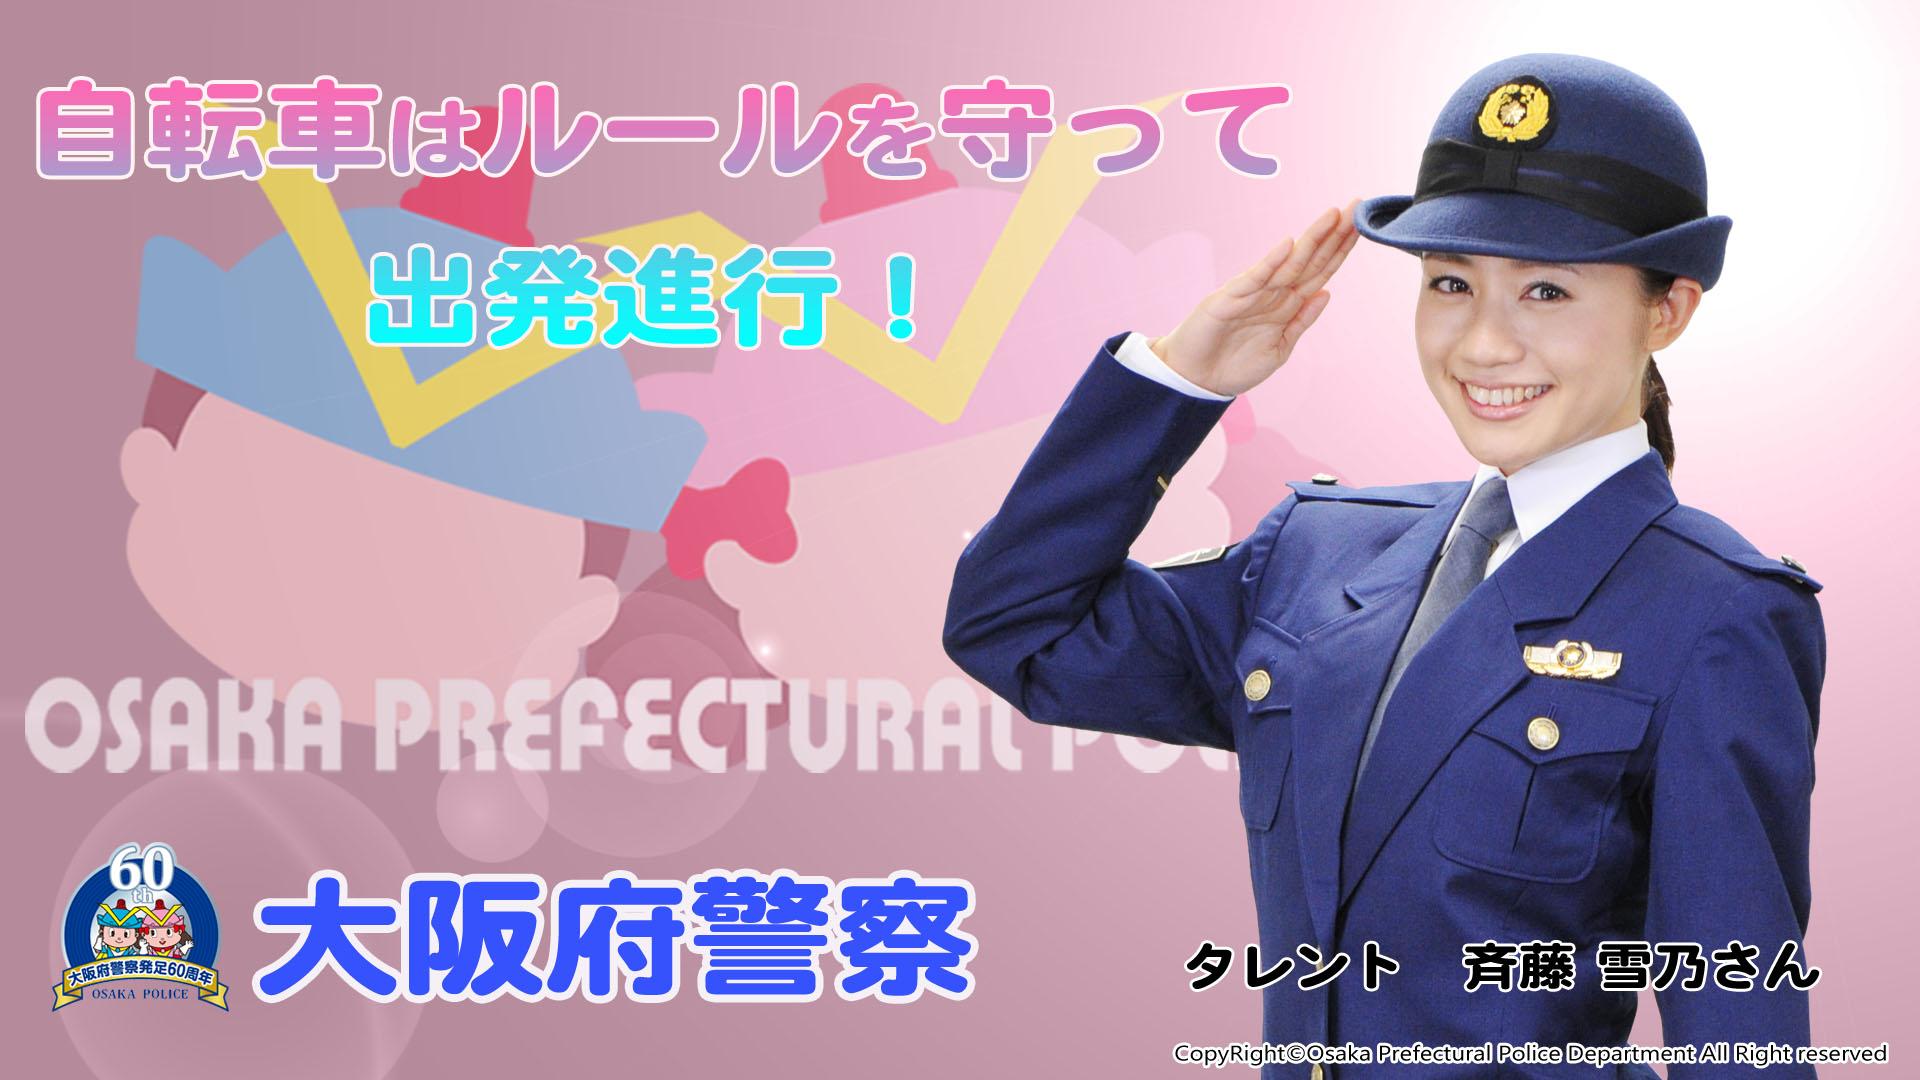 壁紙コーナー/大阪府警本部